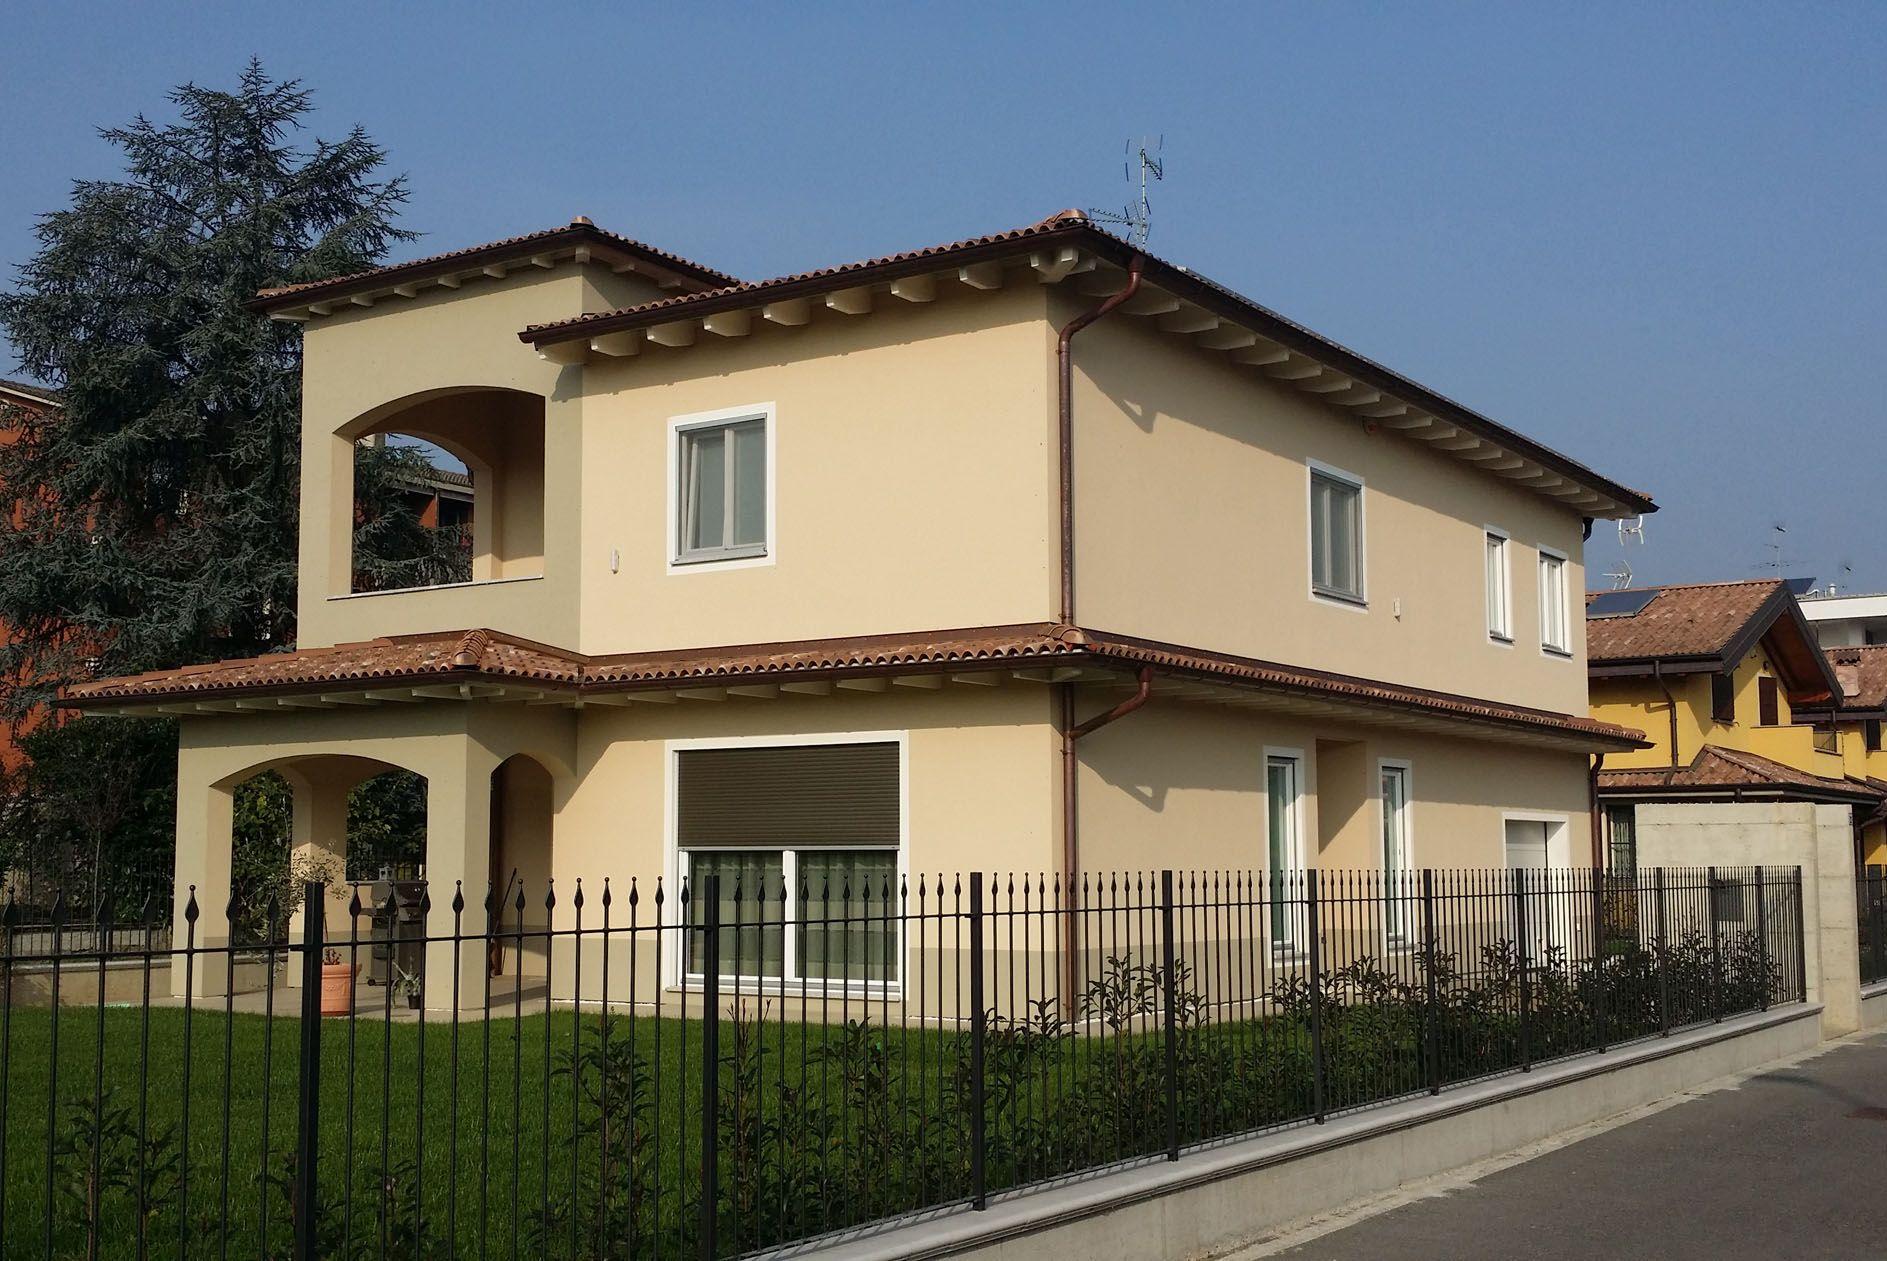 Villa A Tre Piani villa a due piani   architetto paolo crivellaro